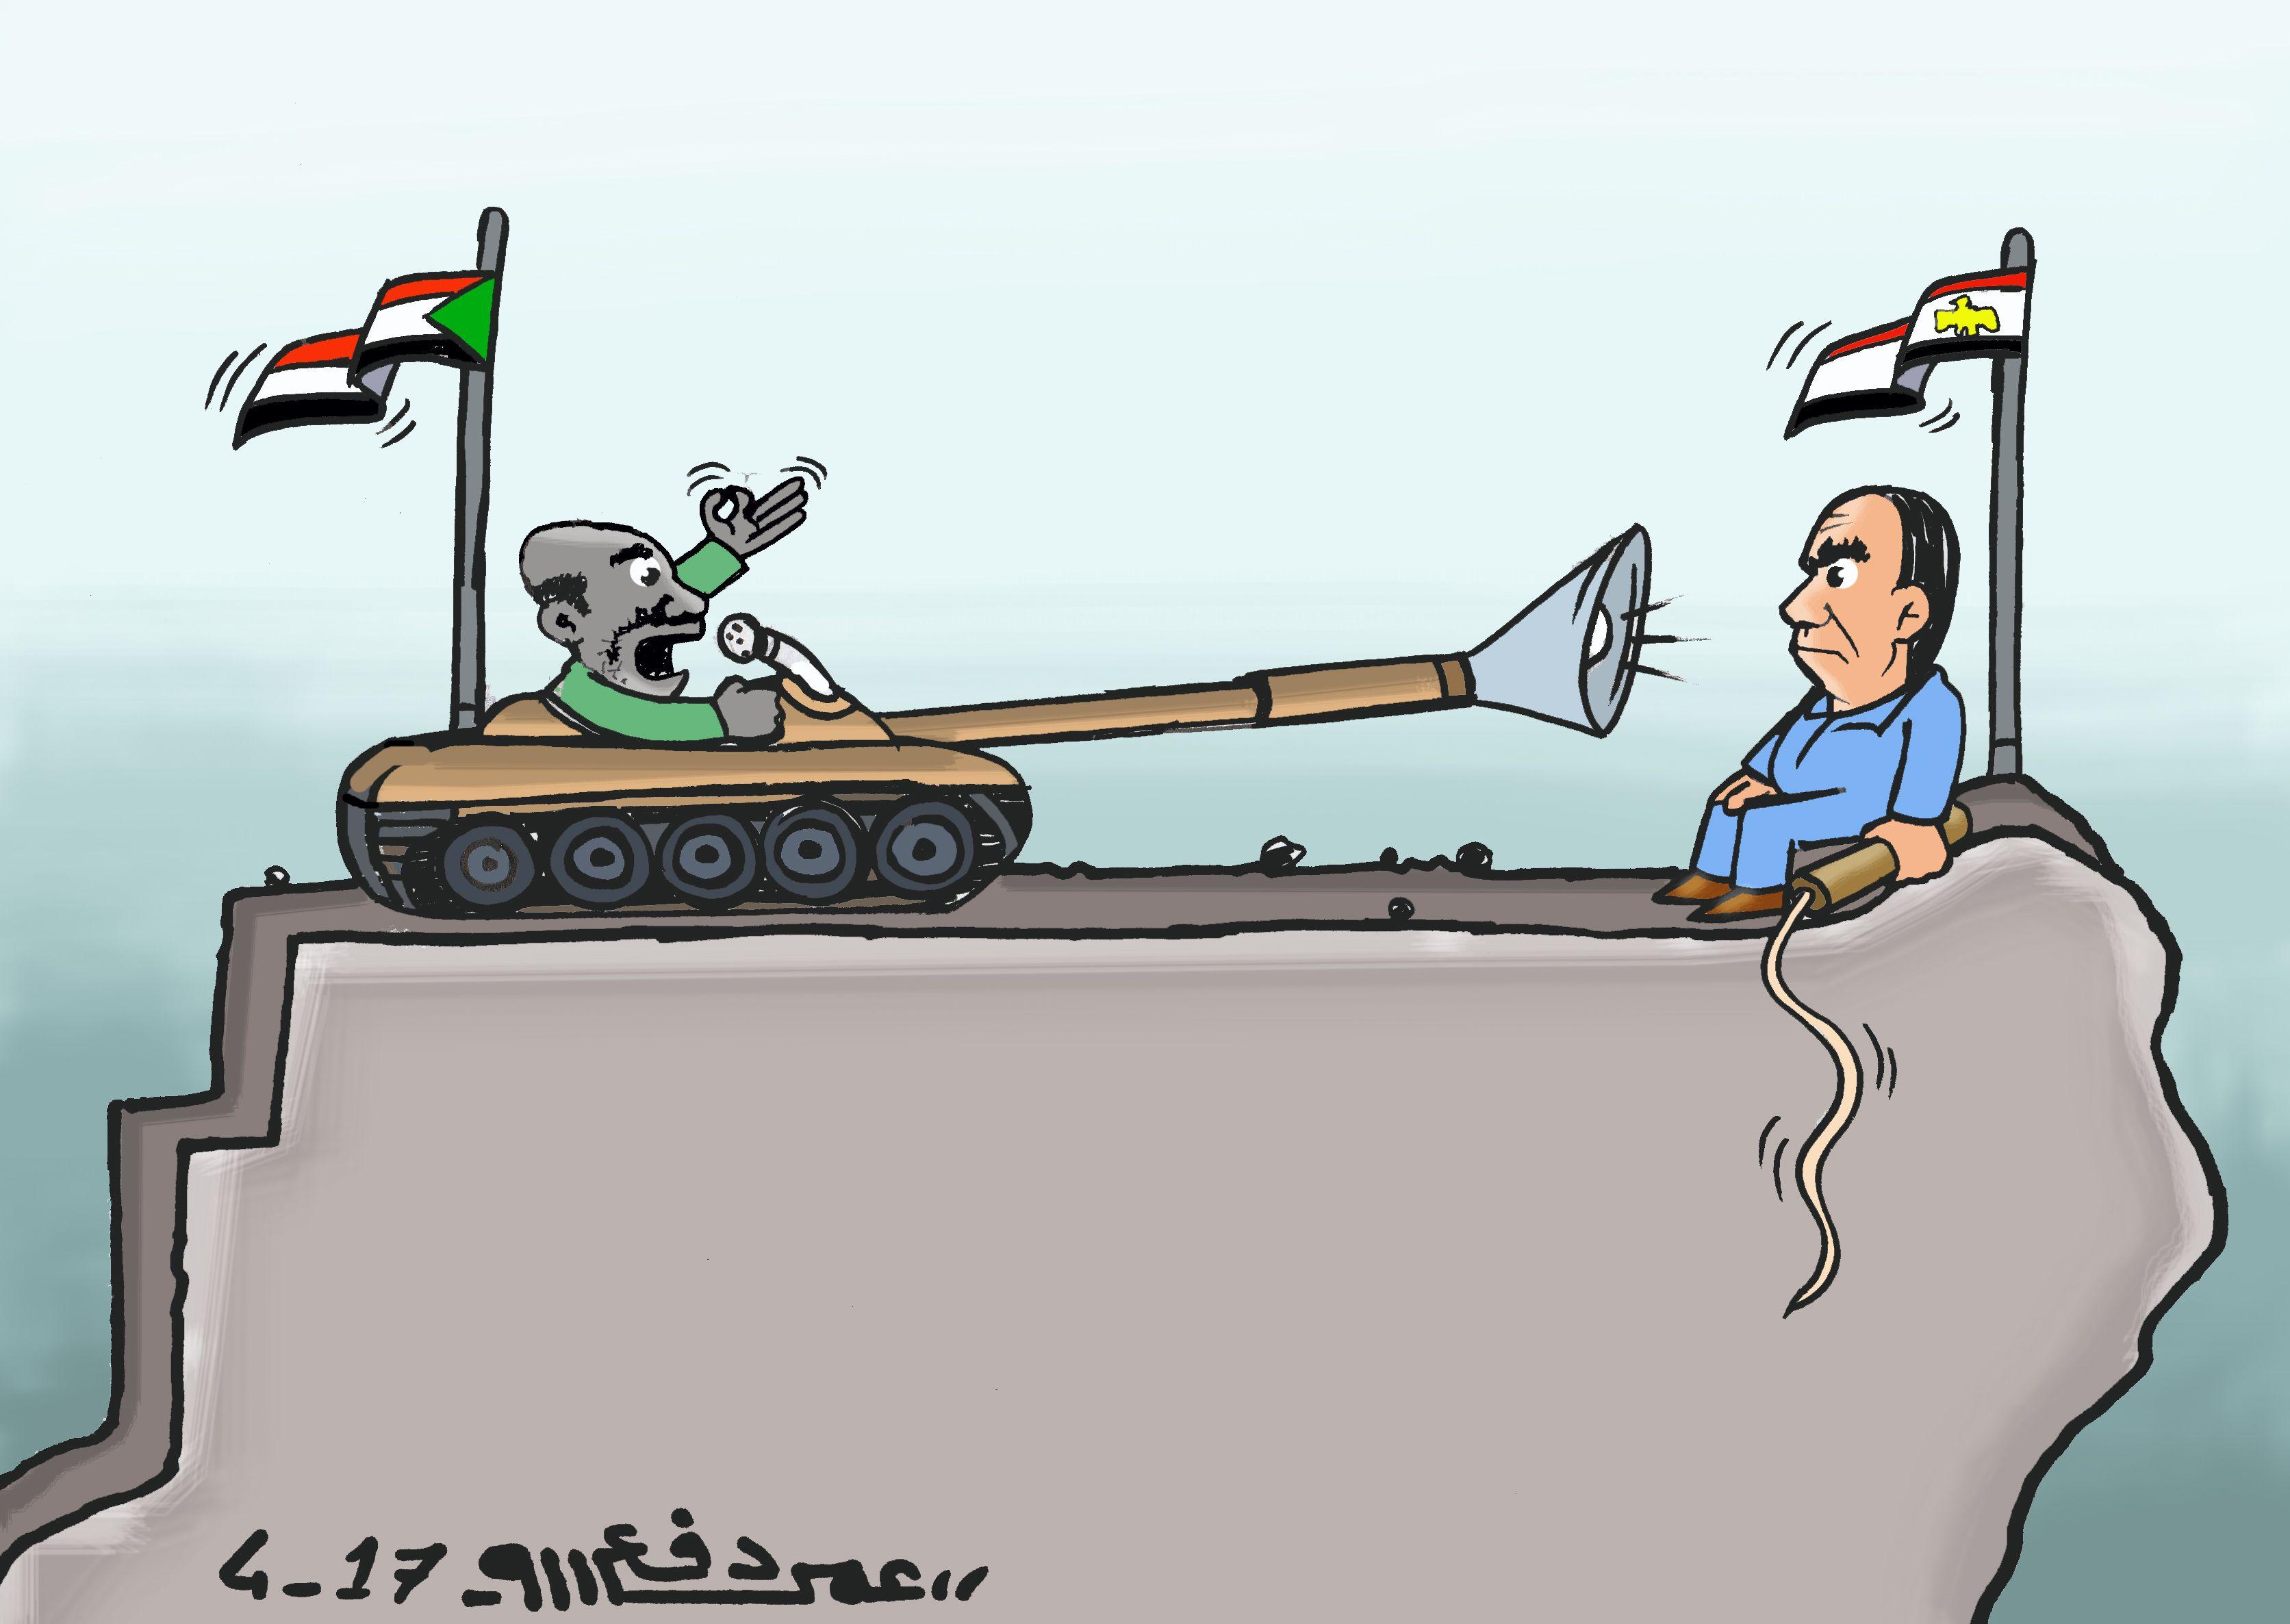 كاركاتير اليوم الموافق 19 ابريل 2017 للفنان عمر دفع الله عن مشكلة السودان و مصر